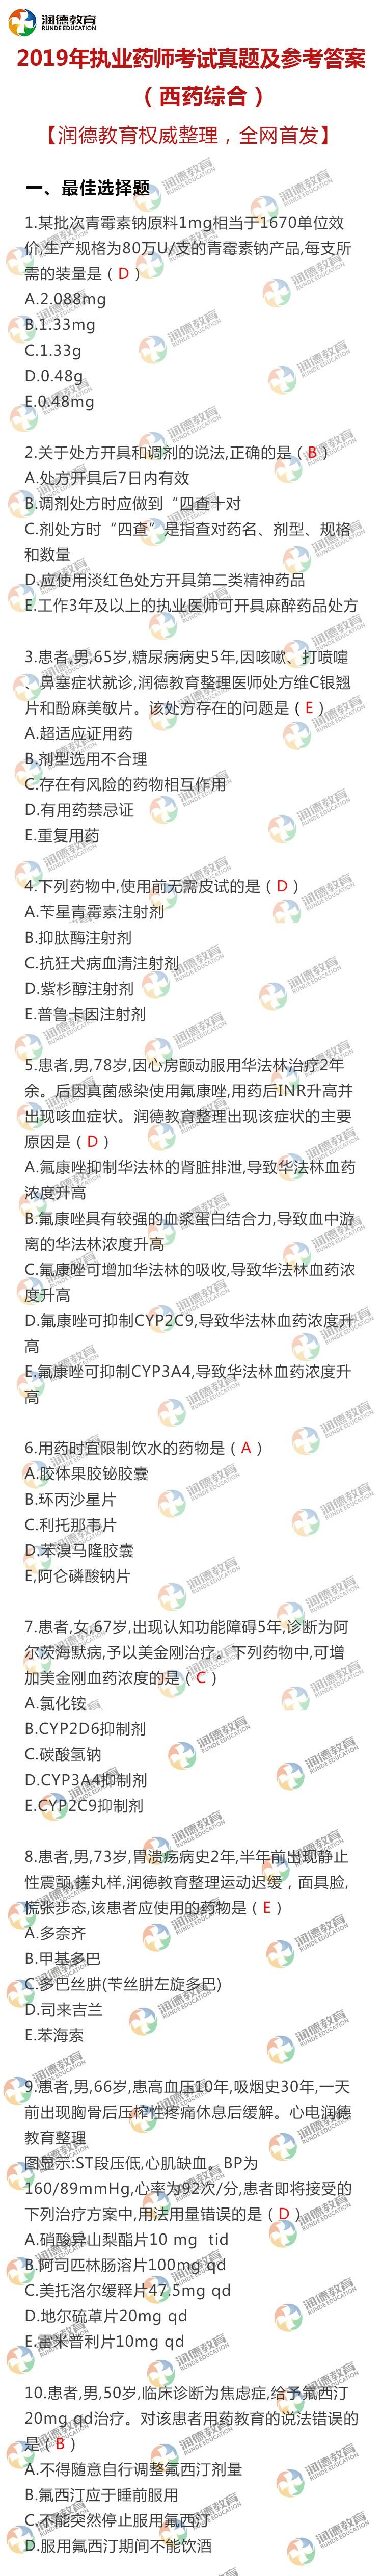 西药综合1-10.jpg